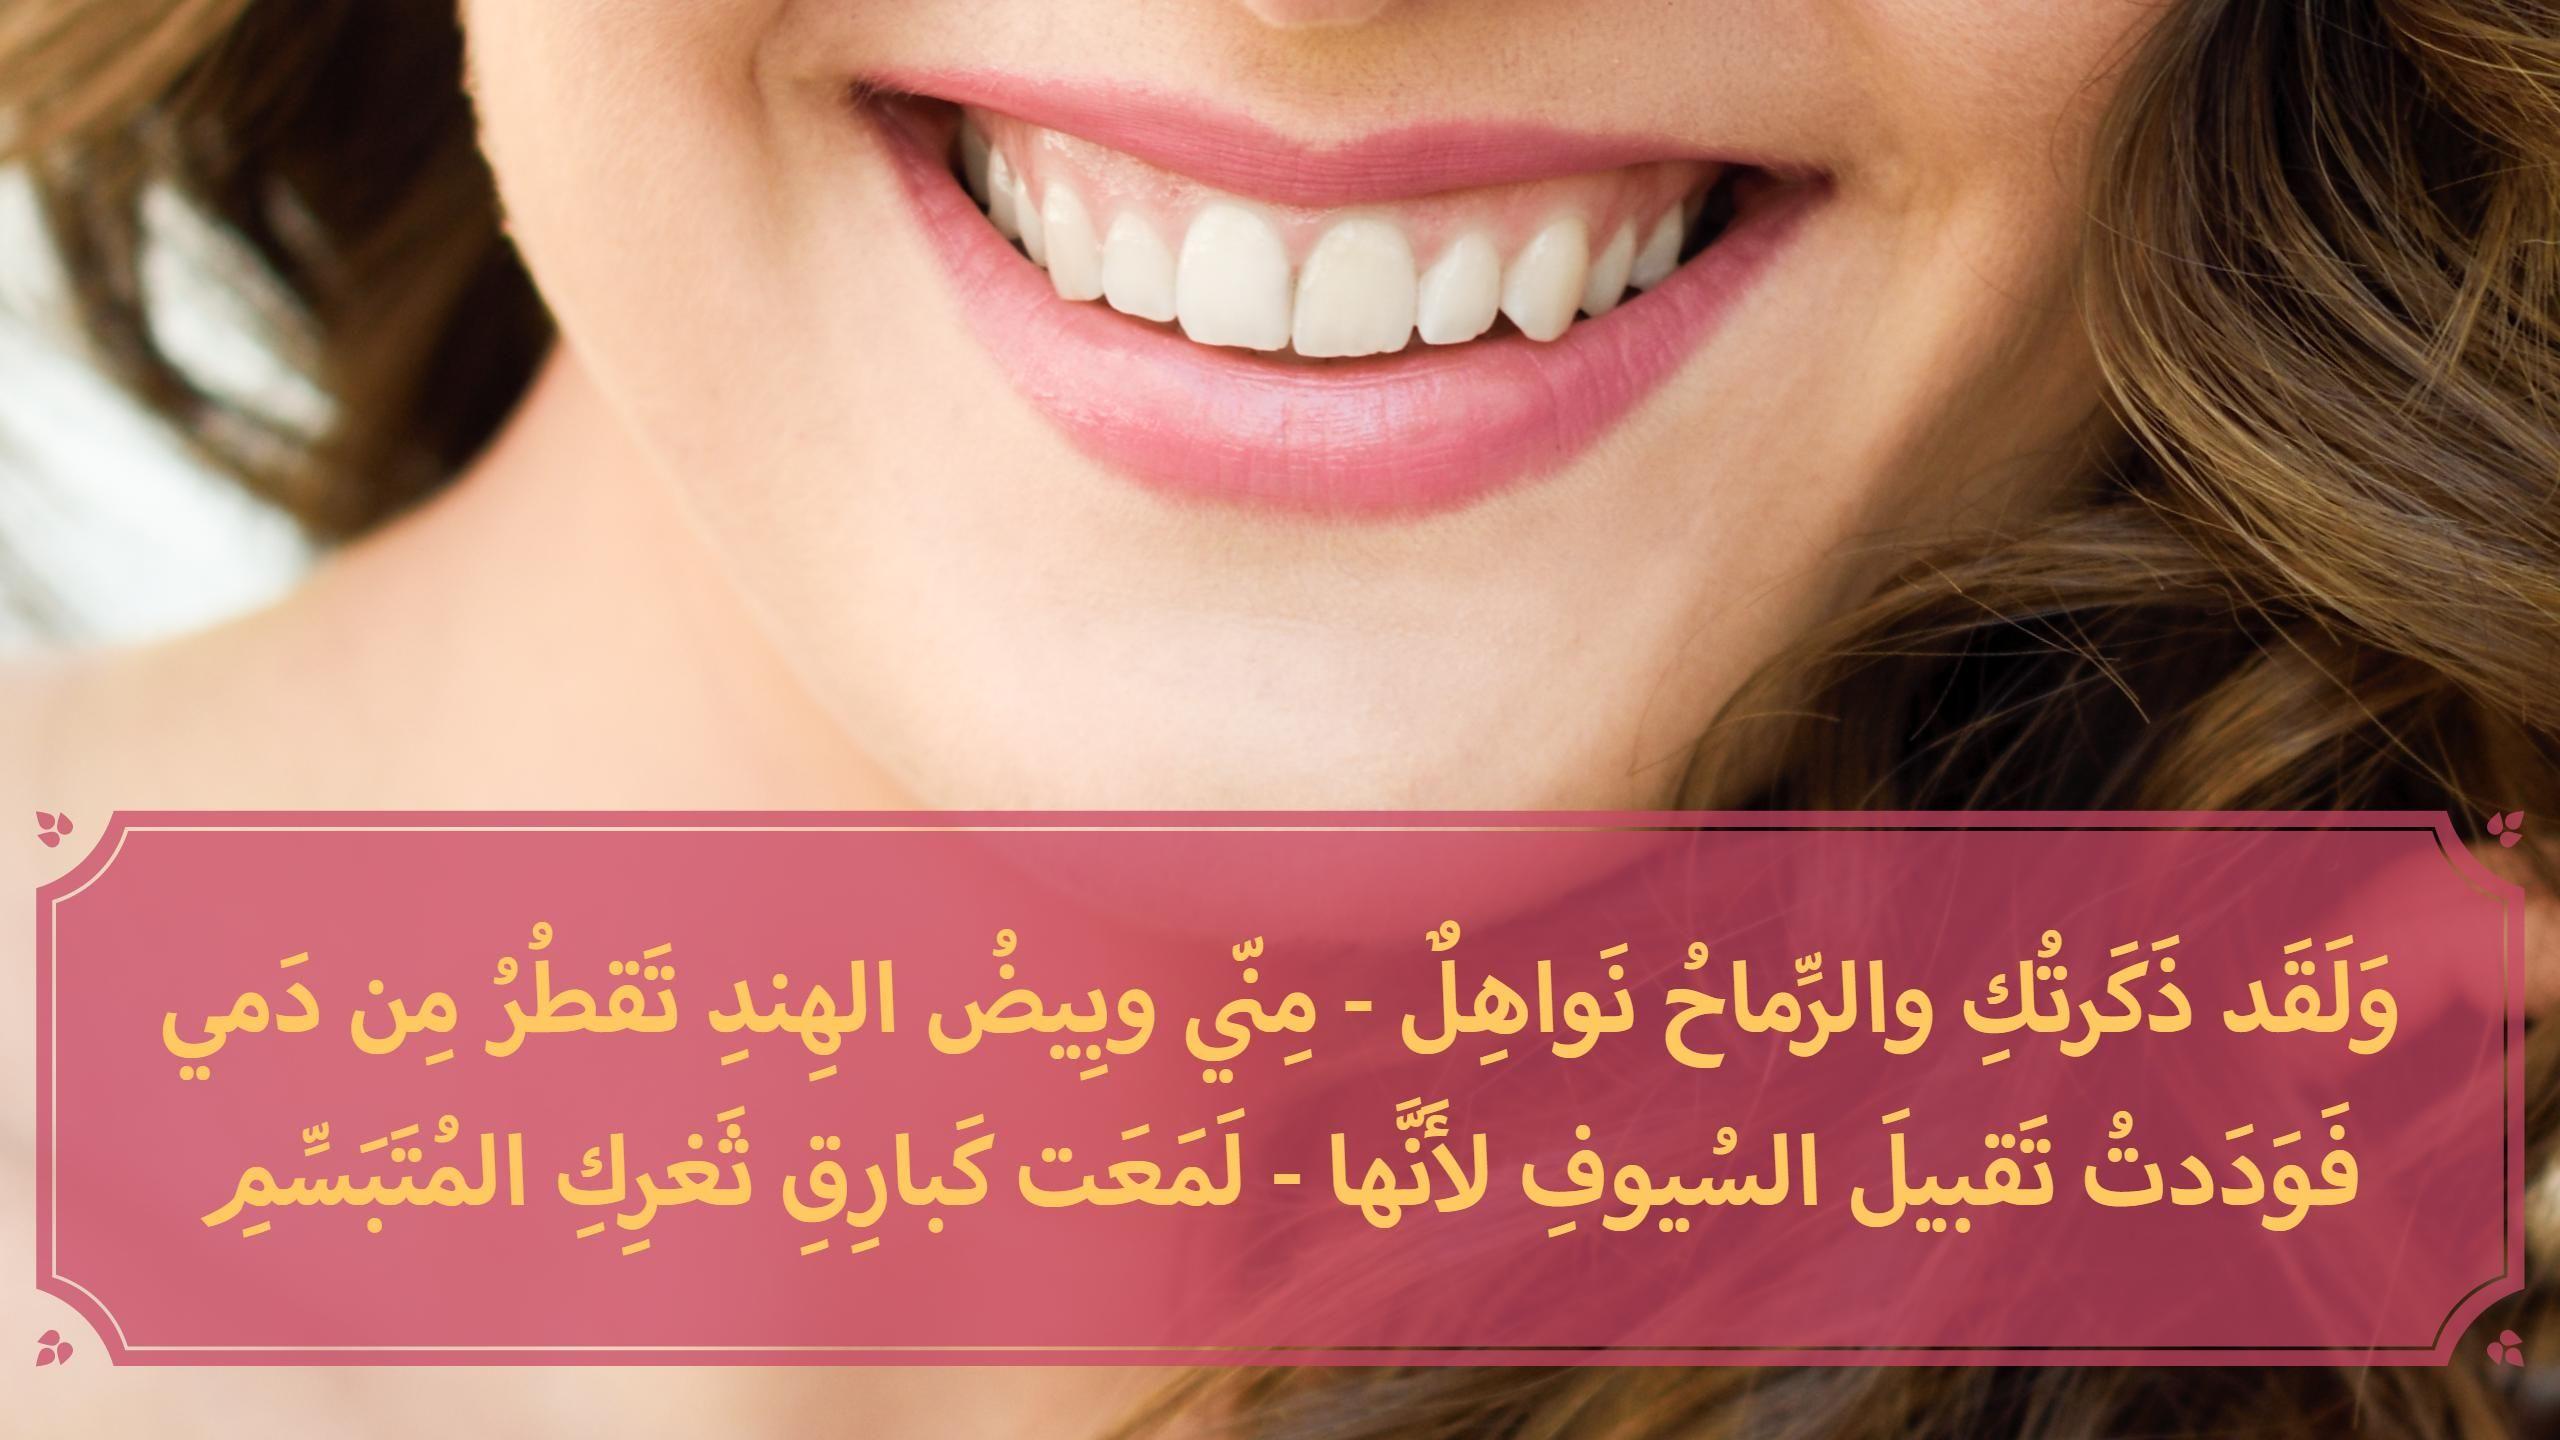 أيهما أكثر رومانسية اللغة العربية أم الإنجليزية أقوى العبارات للتعبير عن الحب والغزل باللغتين Expressions Love Movie Posters